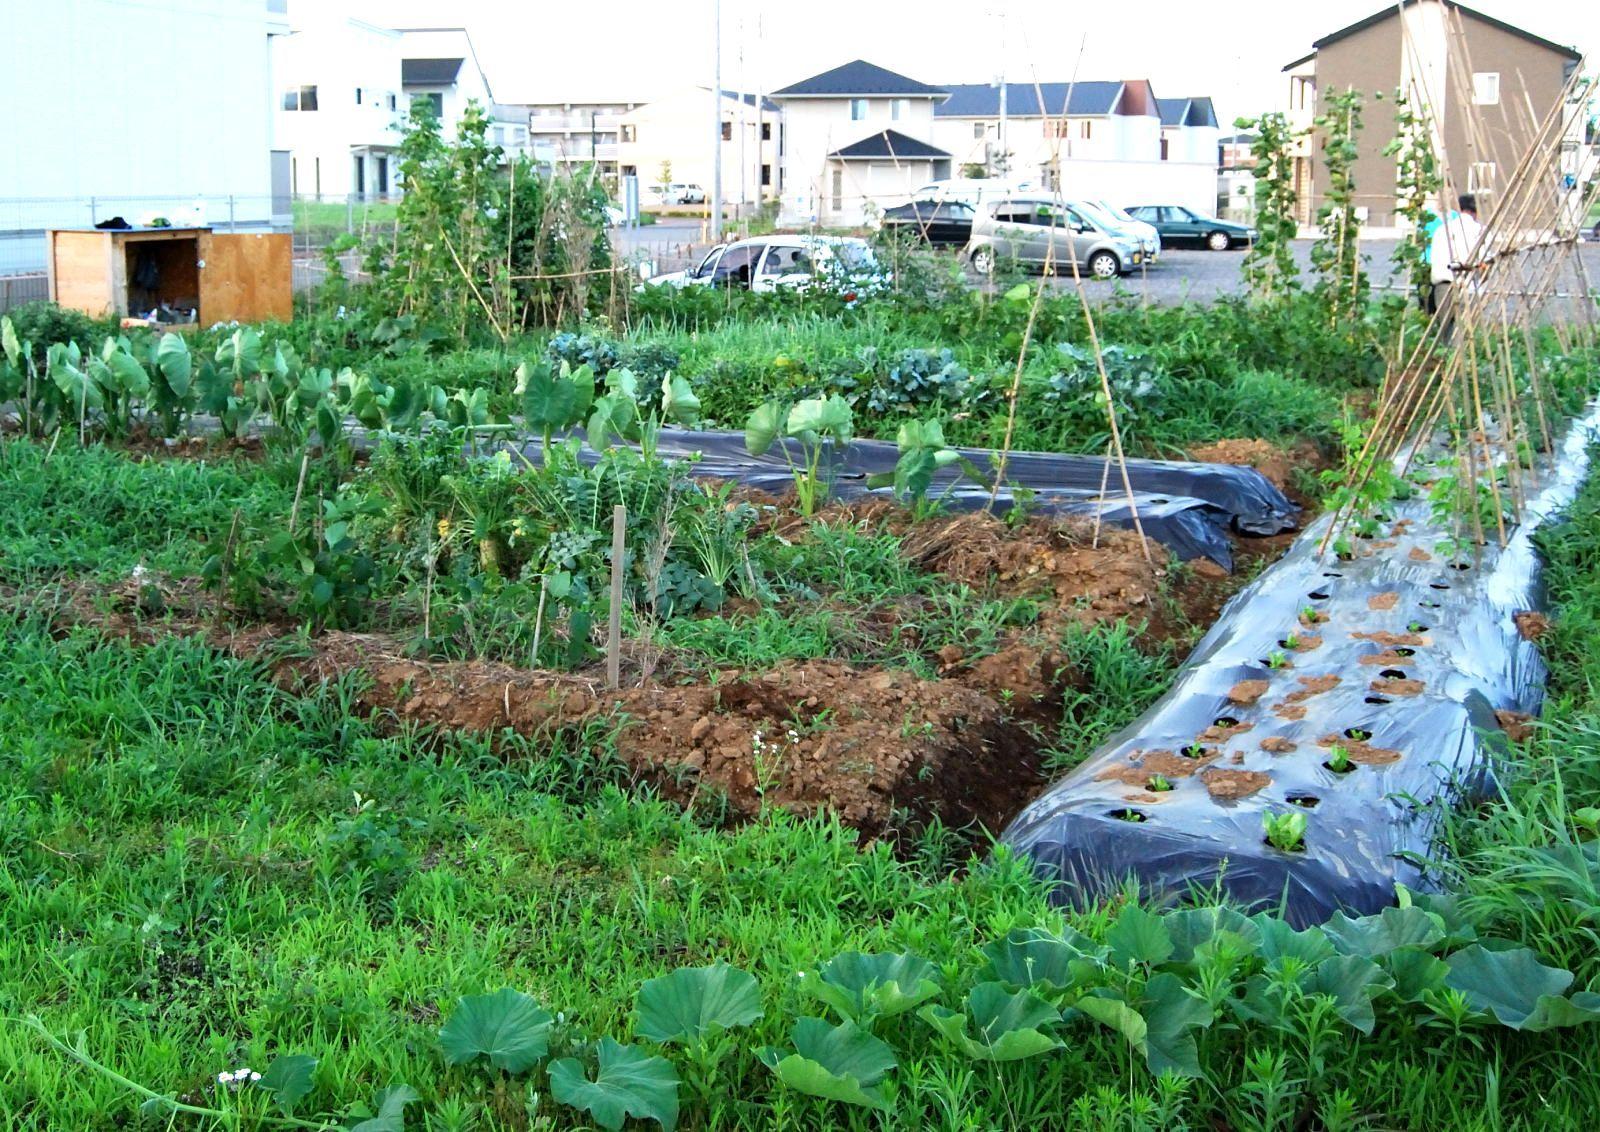 Garten Im Hinterhof Landschaftsbau Ideen Woohome Kleine Pläne, Rasen Und  Deko Grünlich Wallpaper Einfache Bilder